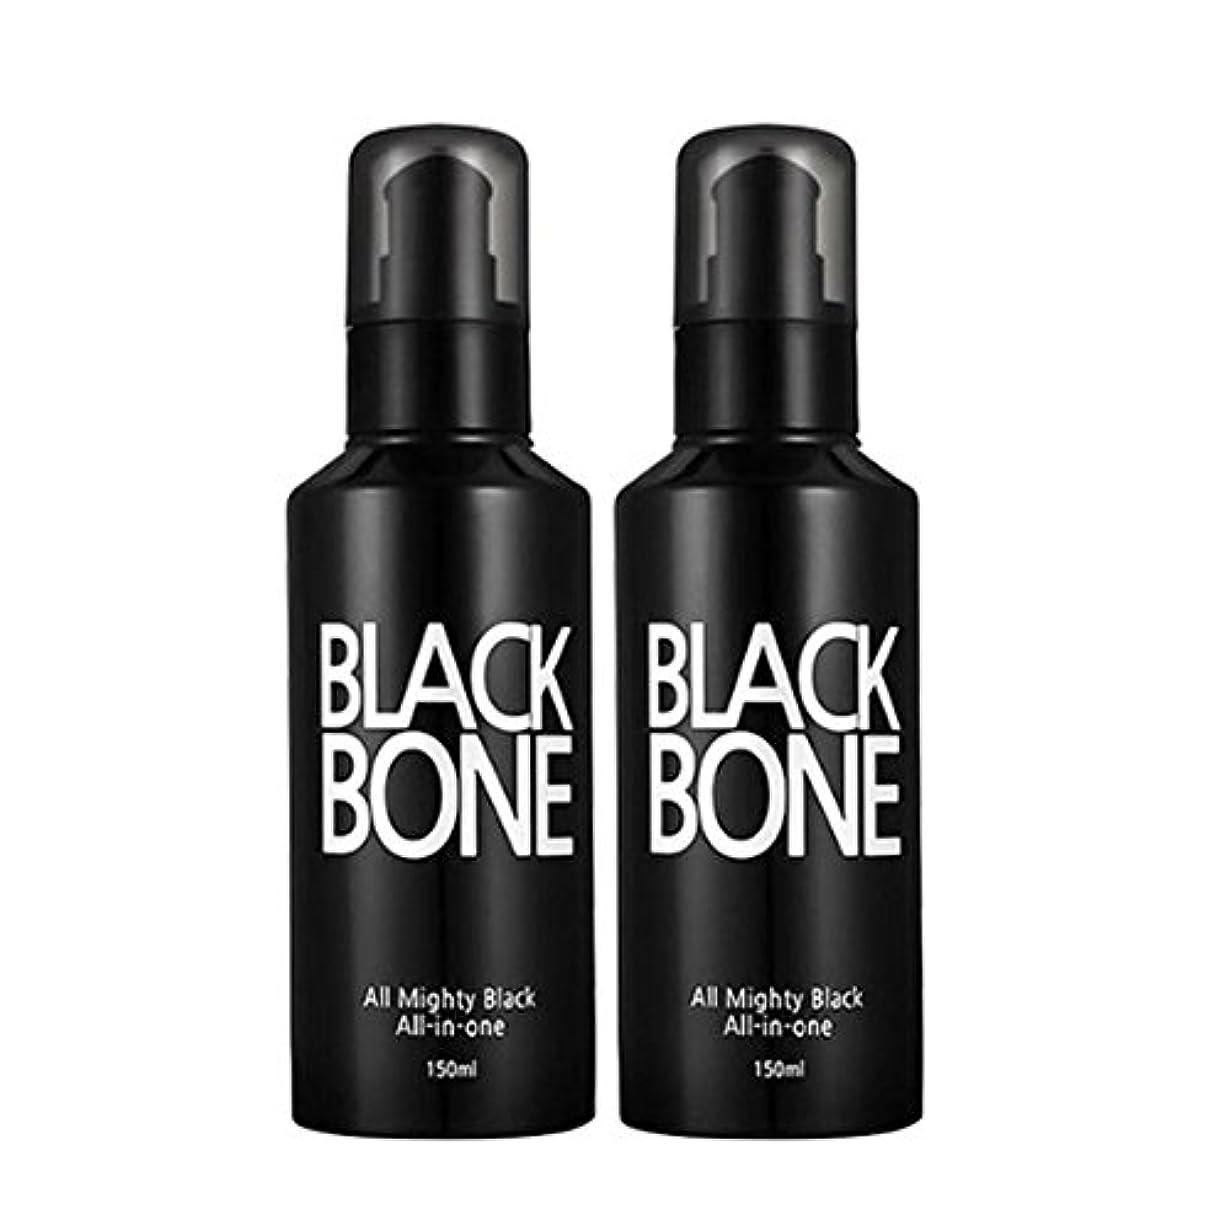 この宇宙飛行士緊張するソメンブラックボンオールマイティ男性オールインワン150ml x 2本セット、So Men Black Bone All Mighty Men All-in-One 150ml x 2ea Set [海外直送品]